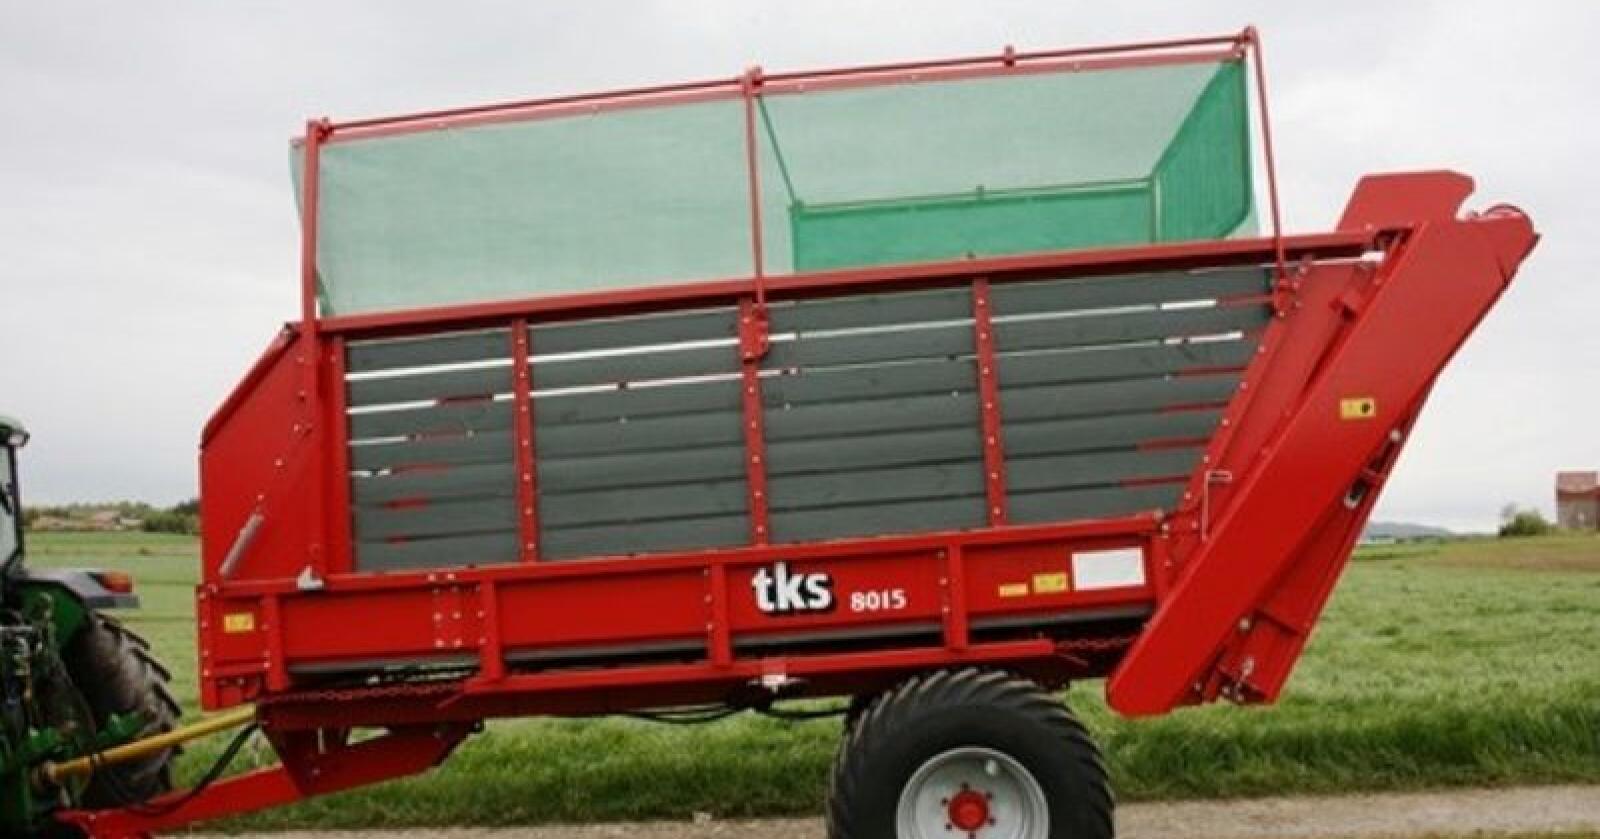 BRI Agri på Jæren har kjøpt rettighetene til TKS sin avlesservogn og vil sette både den og potetmaskiner fra Underhaug i produksjon igjen. Foto: Produsenten.